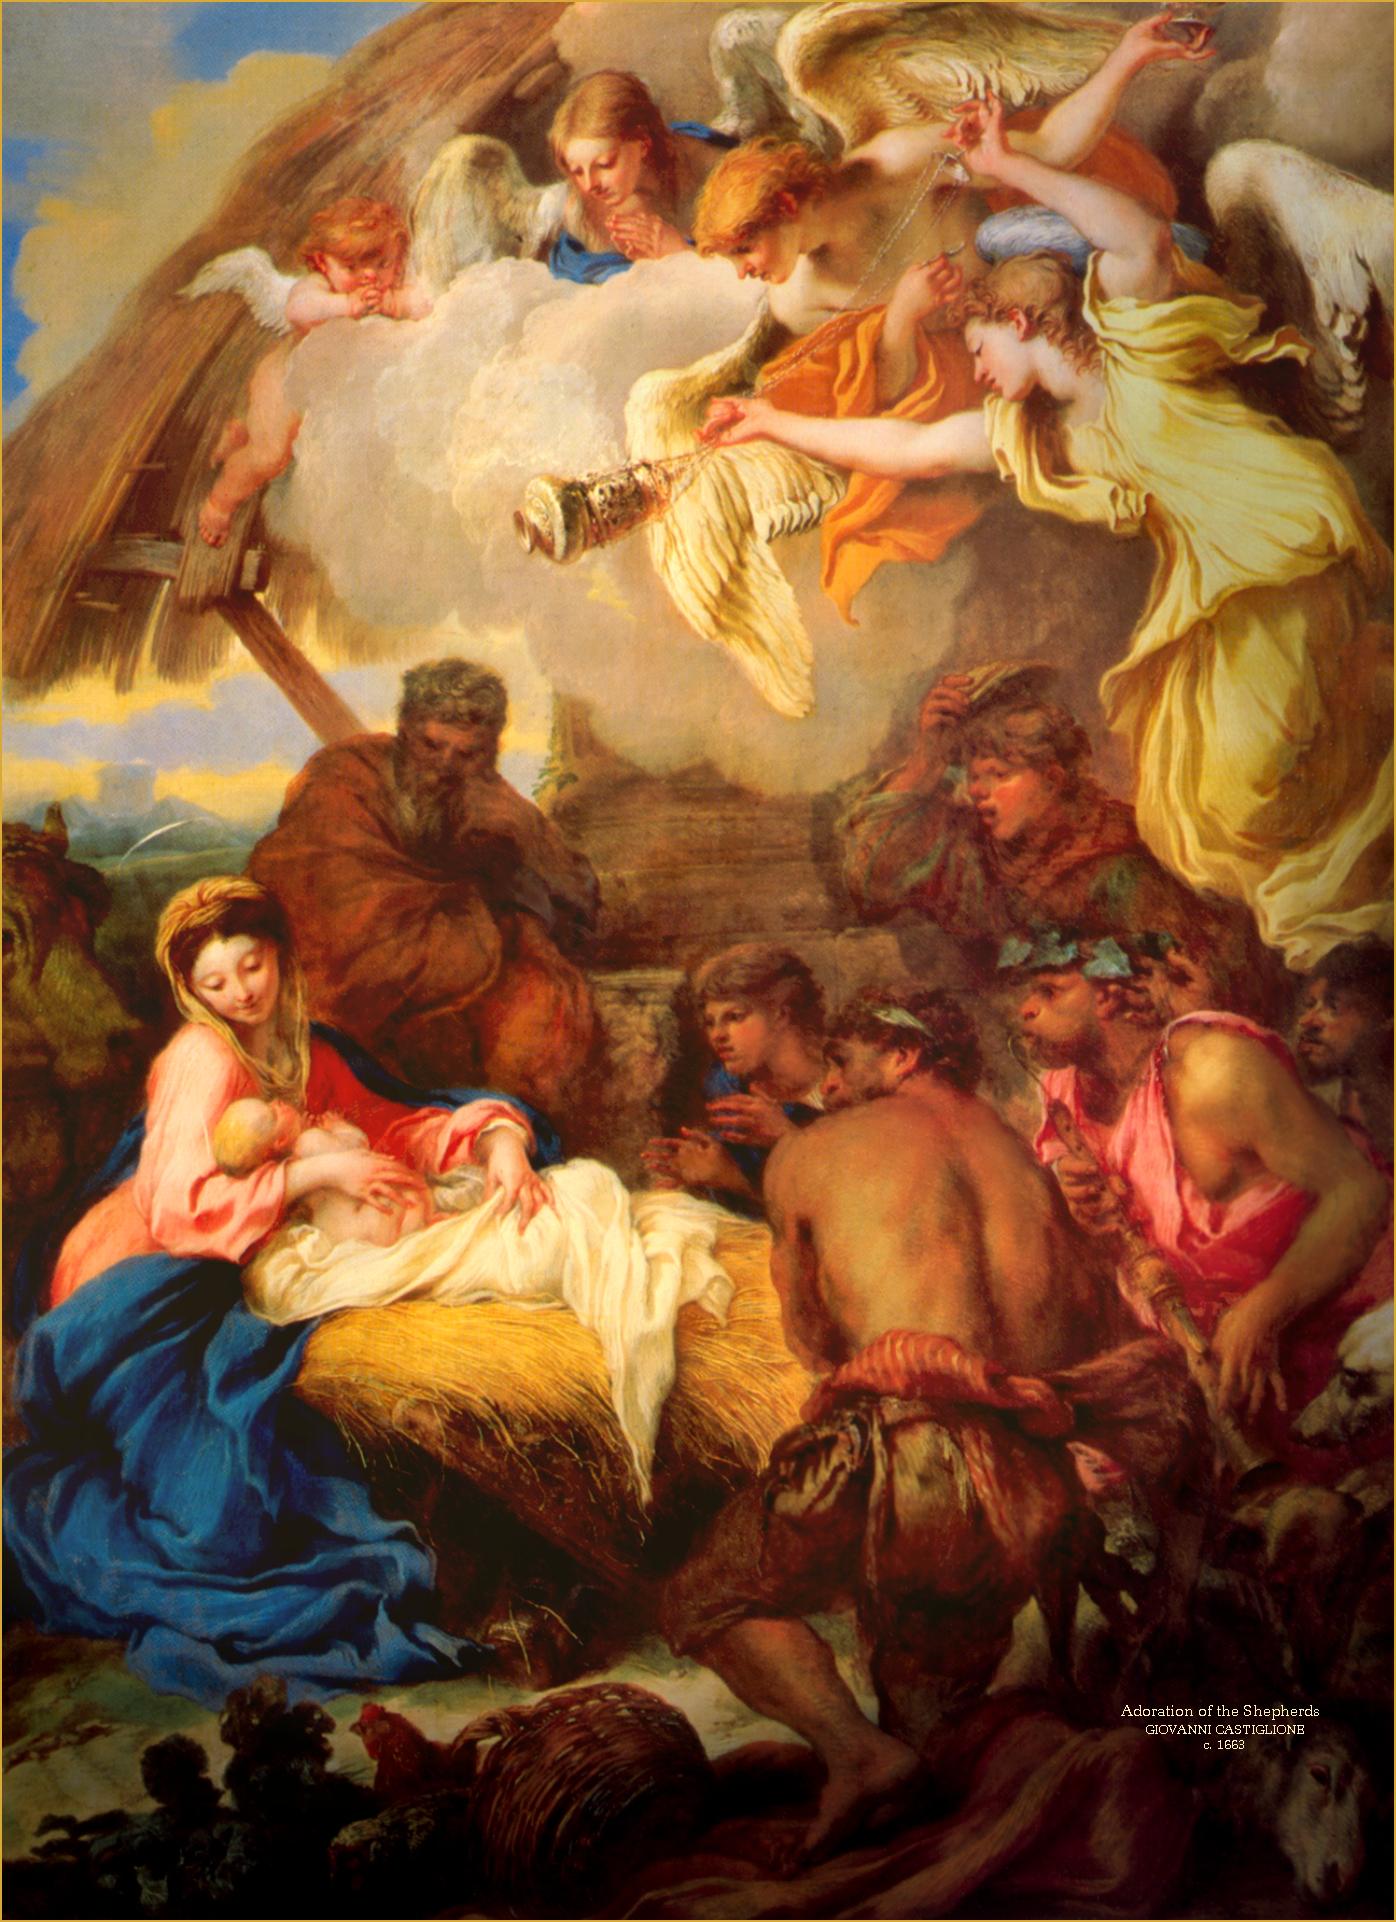 castiglione christmas nativity baby jesus shepherds christ.jpg